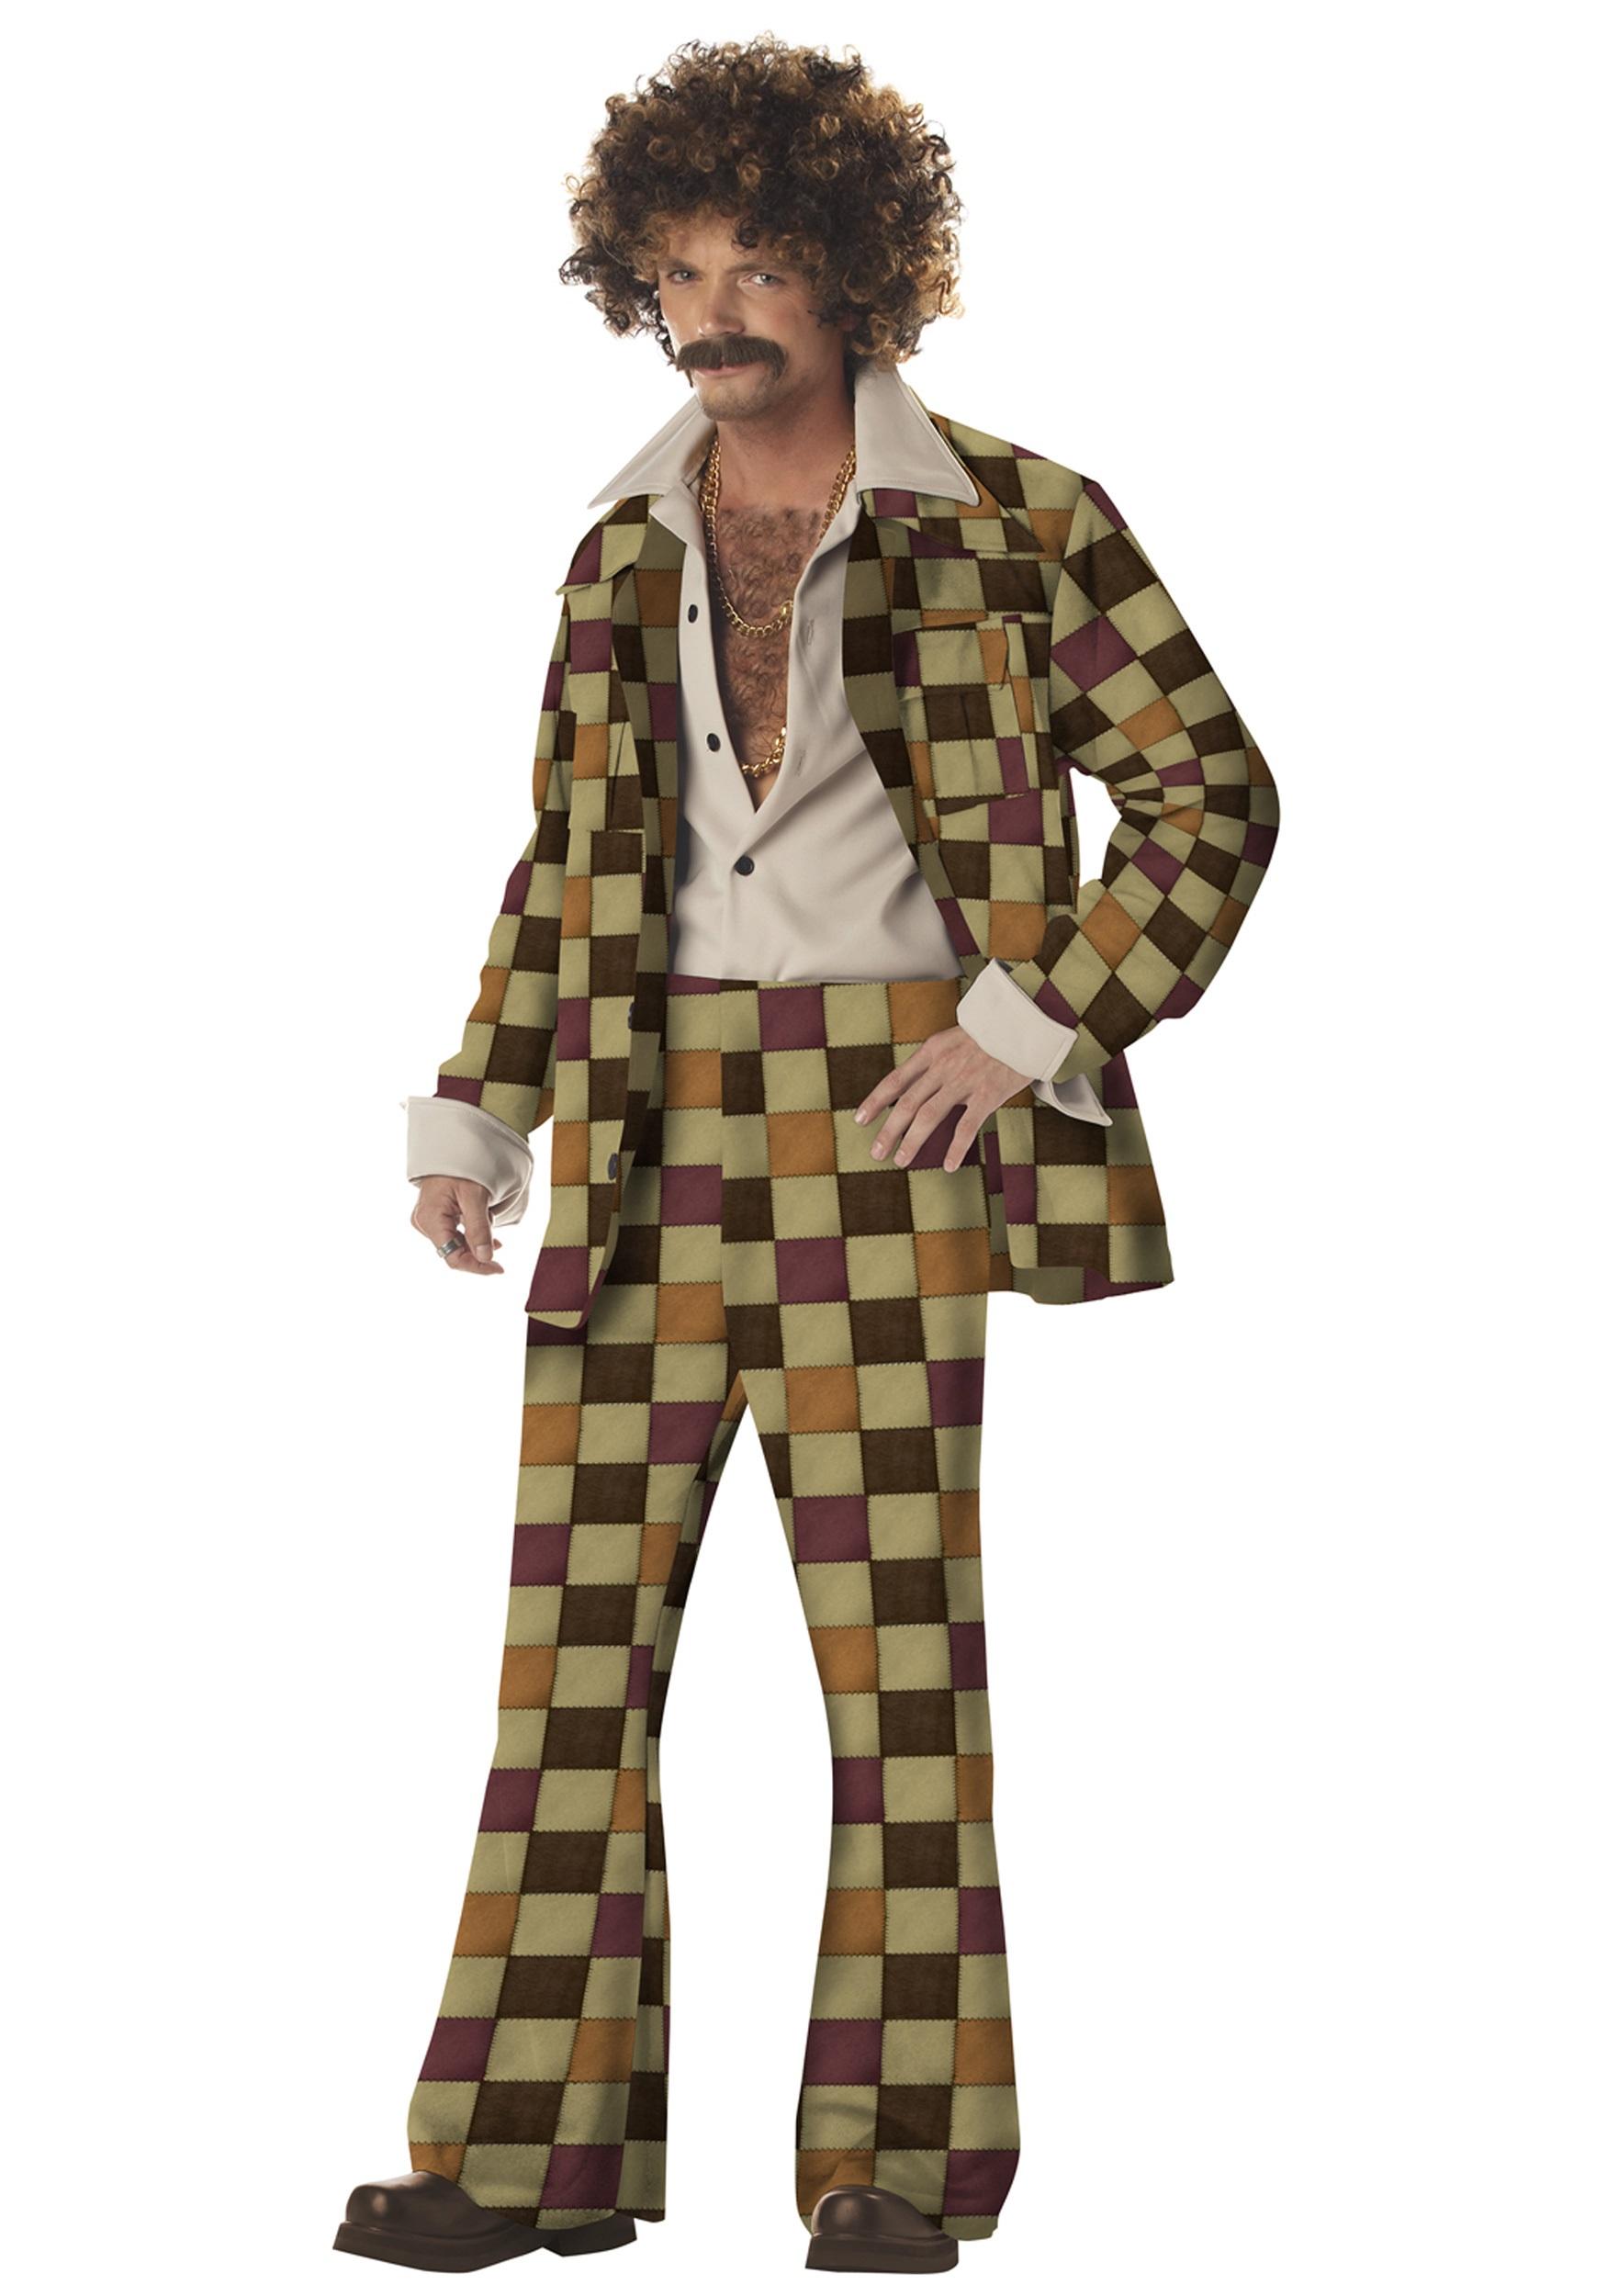 disco-leisure-suit-costume